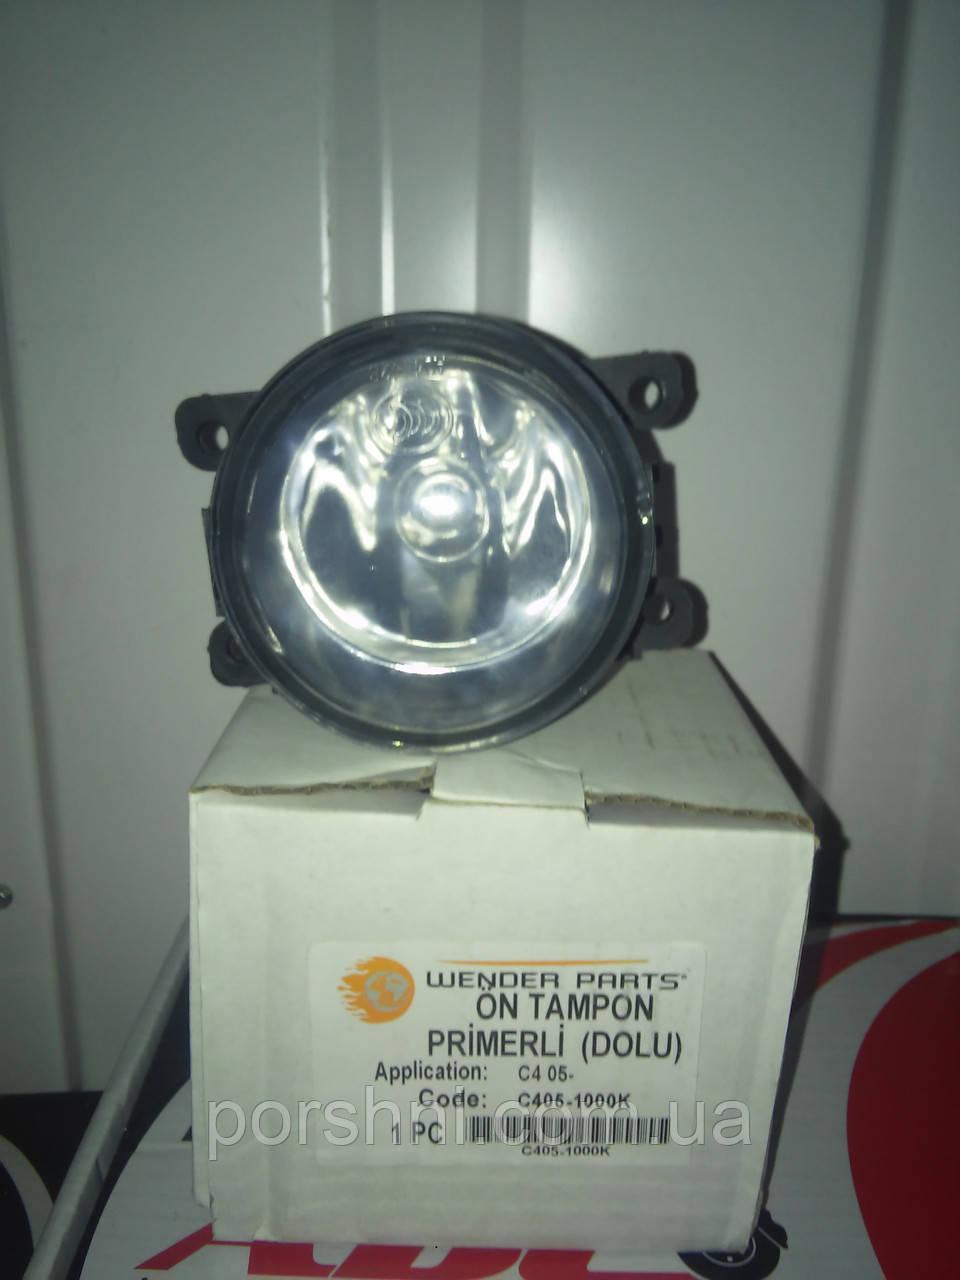 Противотуманка Ford  Fiesta 2001 -- Focus I.CONNECT.Transit V347 2006 - C405-1000K.N:1209177